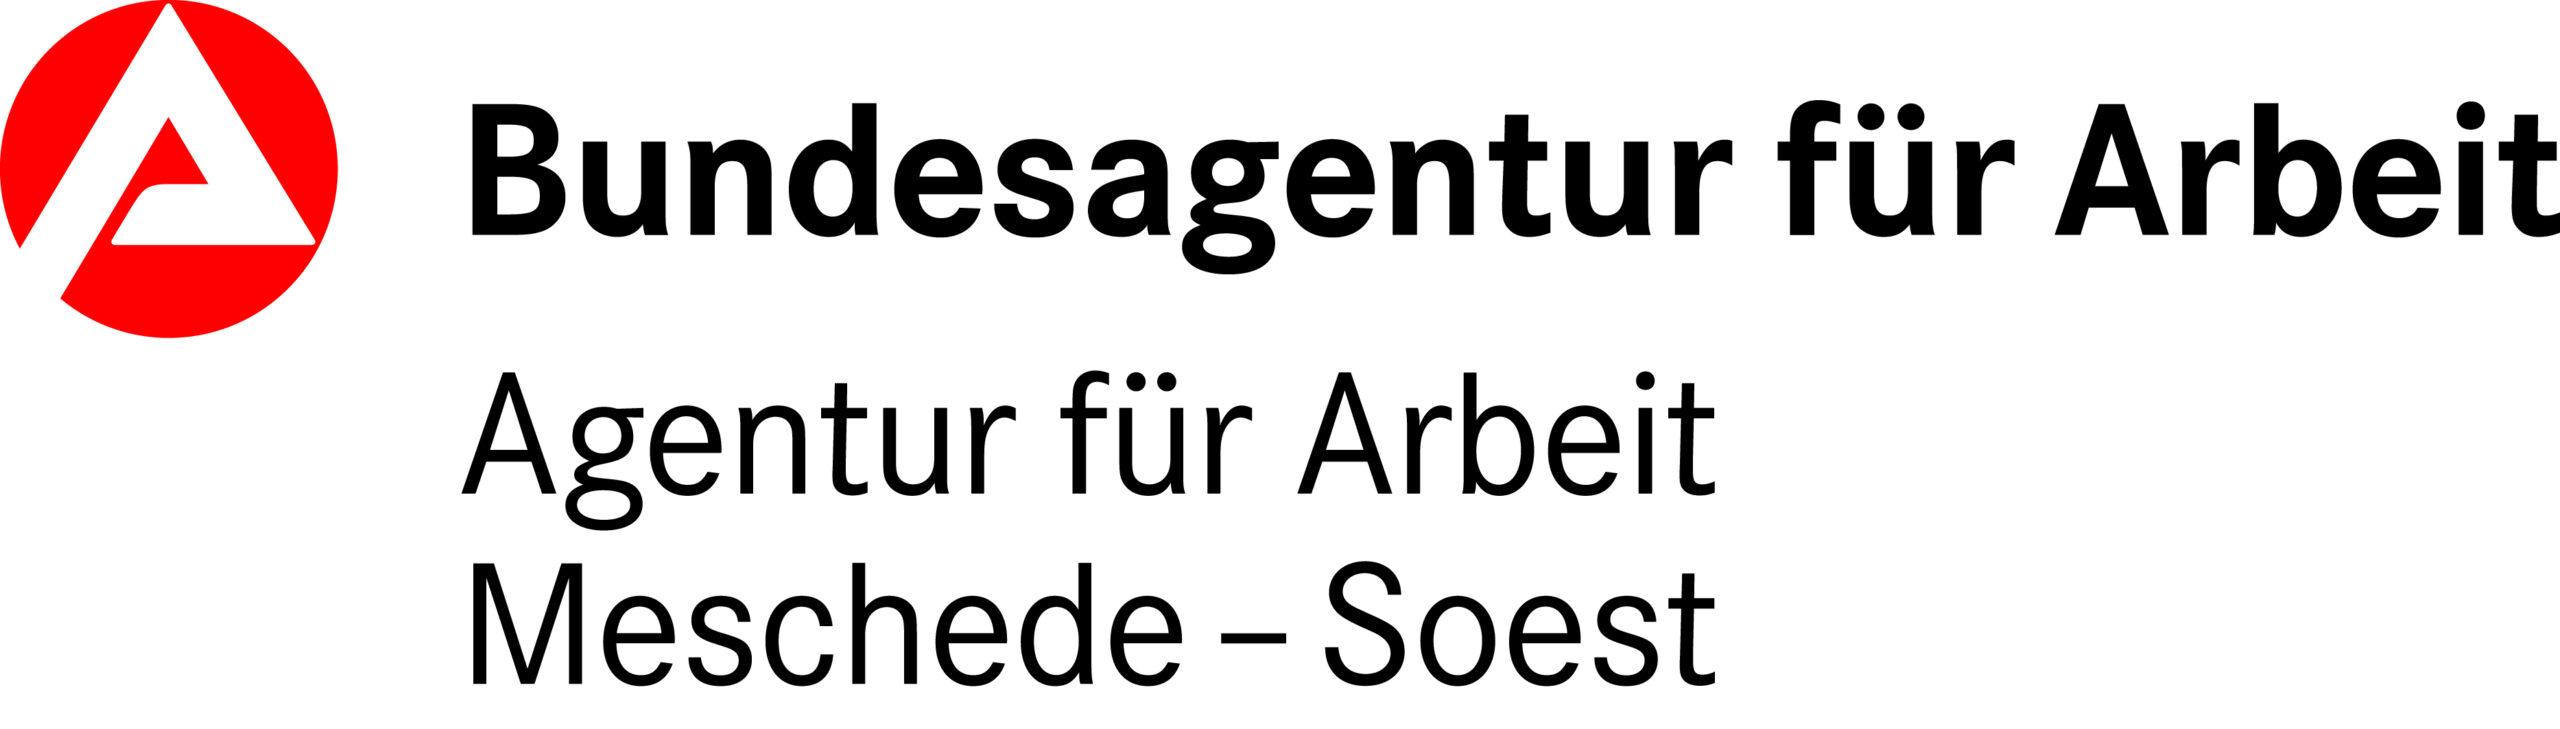 Agentur_fuer_Arbeit